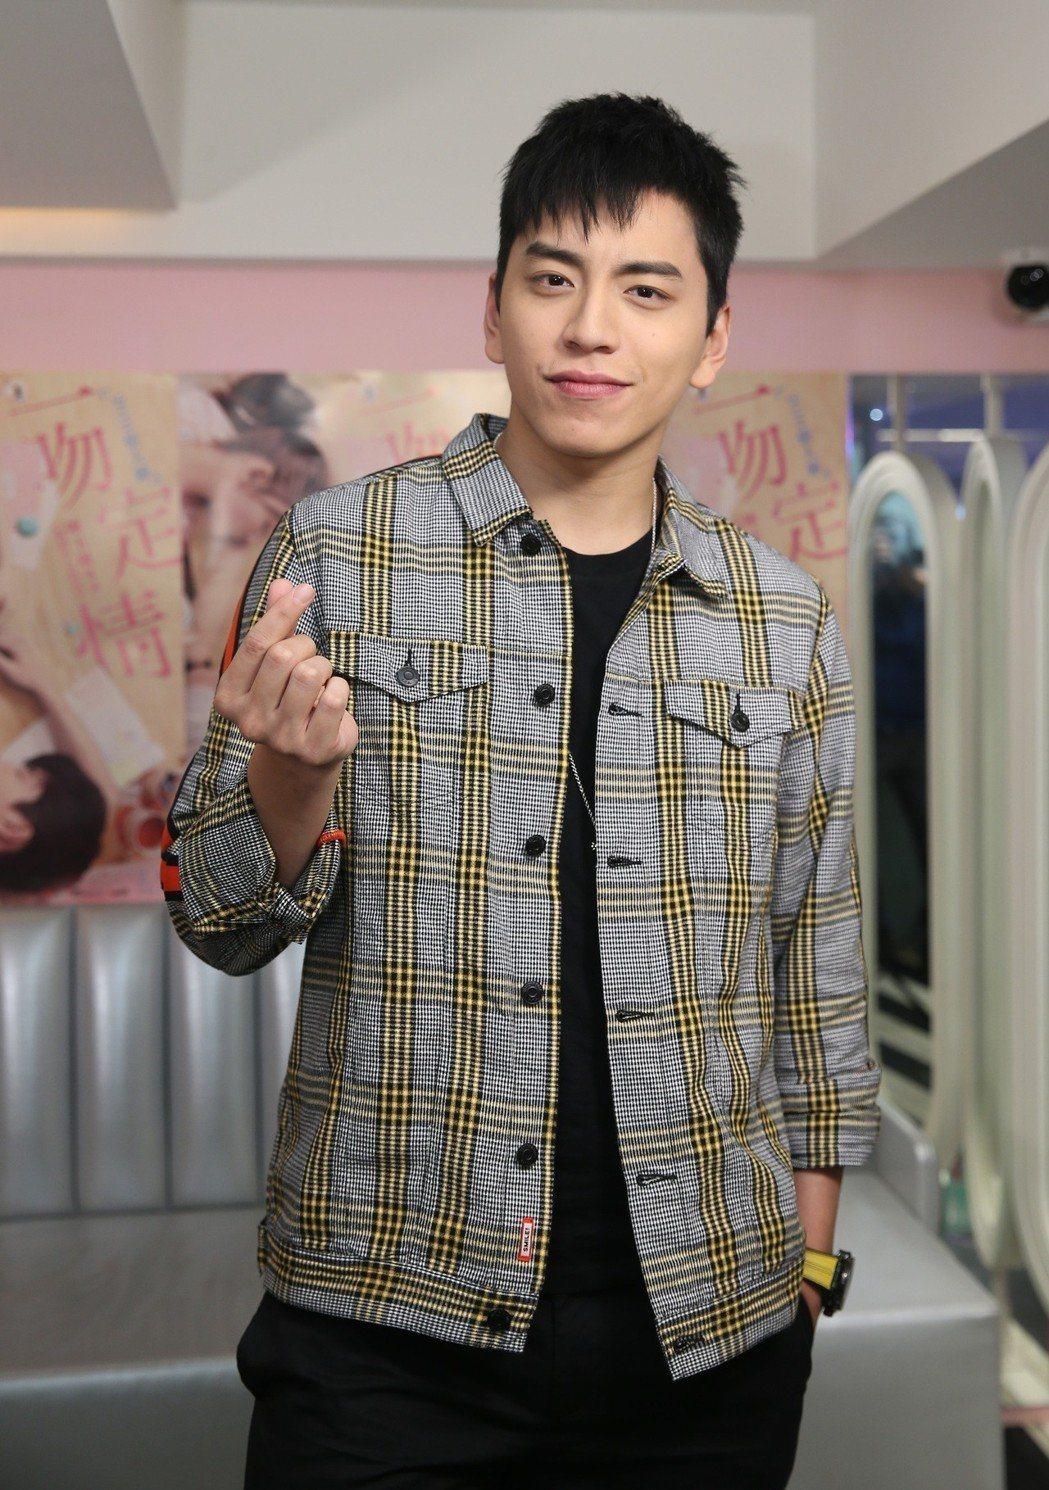 王大陸主演新片「一吻定情」前進韓國宣傳,原本要舉辦的記者會臨時取消。記者曾吉松/